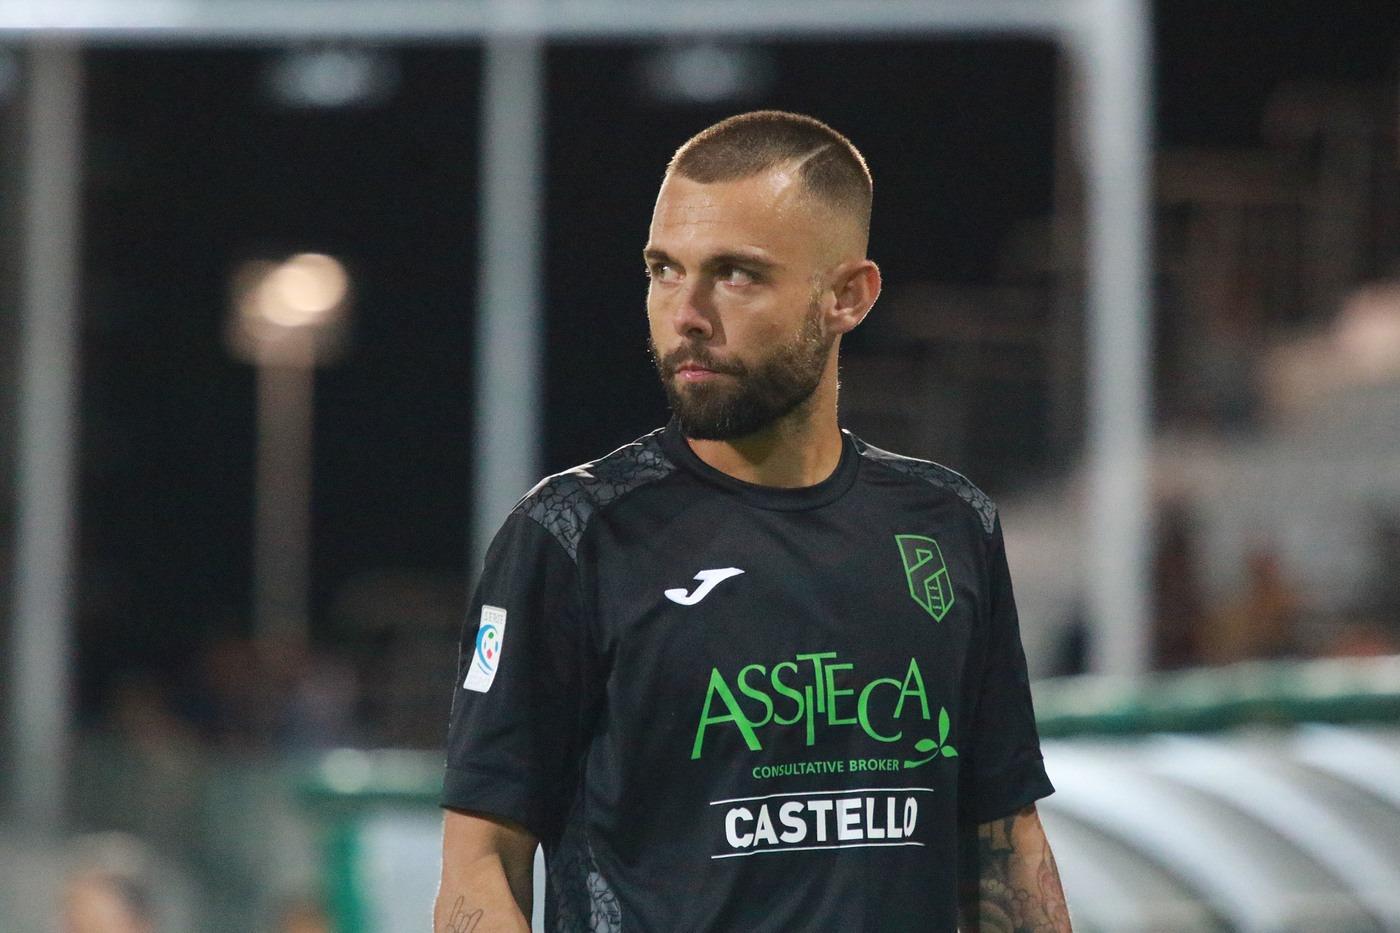 Serie C, Sambenedettese-Pordenone domenica 4 novembre: analisi e pronostico della decima giornata della terza divisione italiana